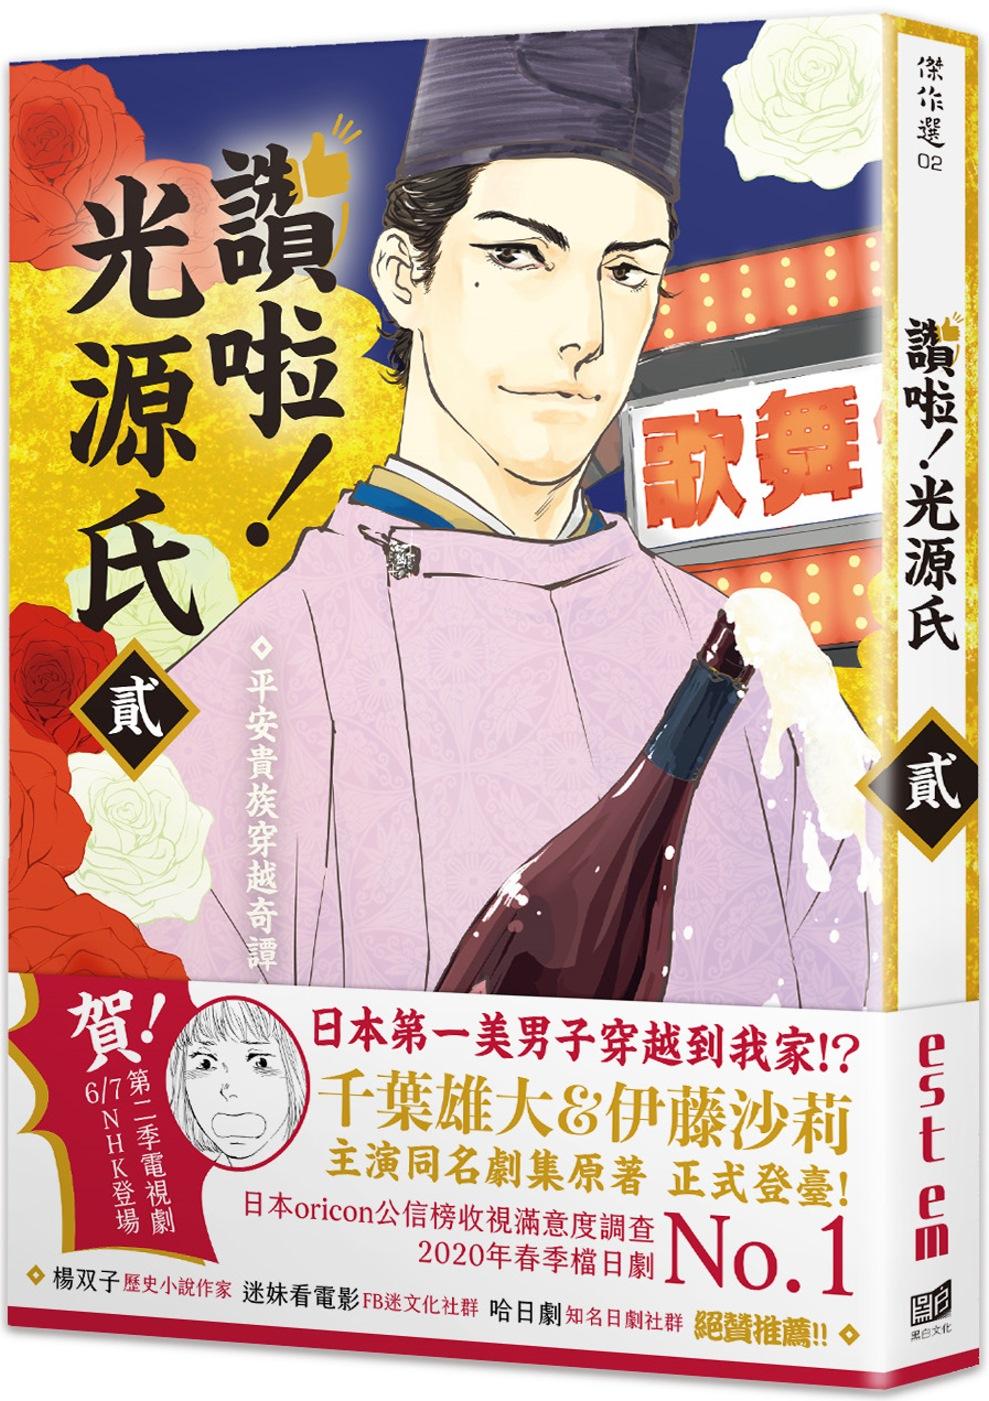 讚啦!光源氏(2) 平安貴族穿...